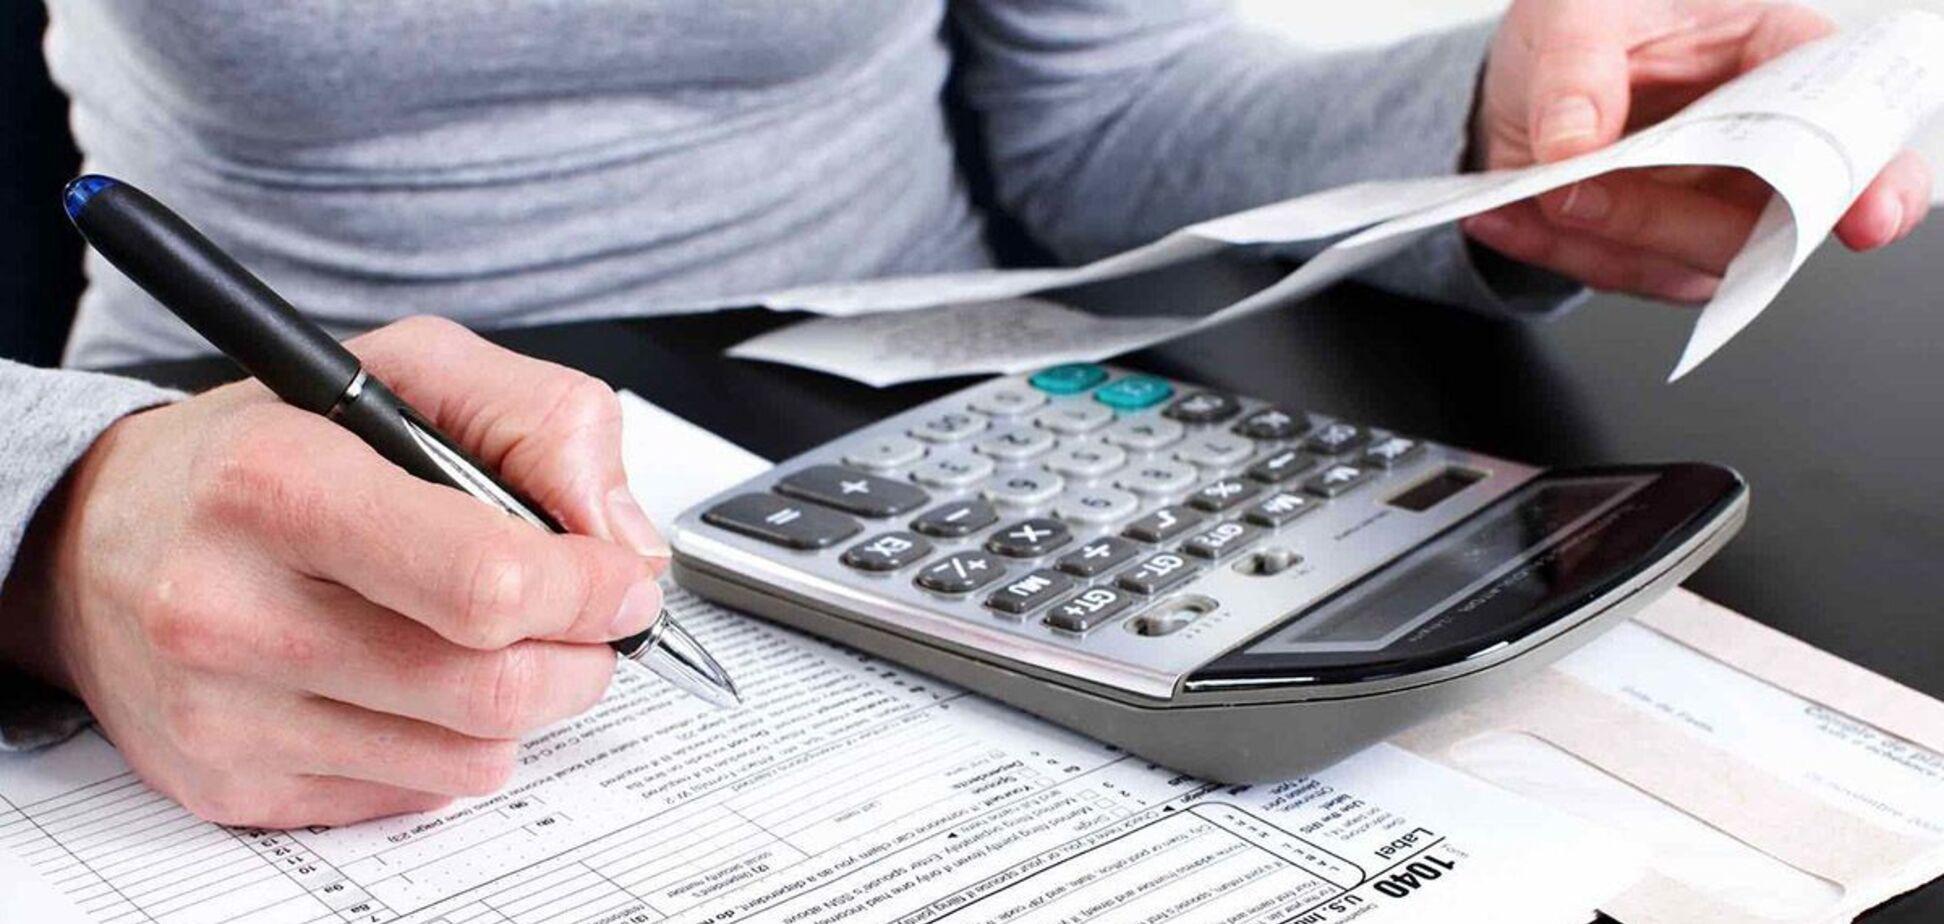 Украинские компании обвинили в схемах с налогами